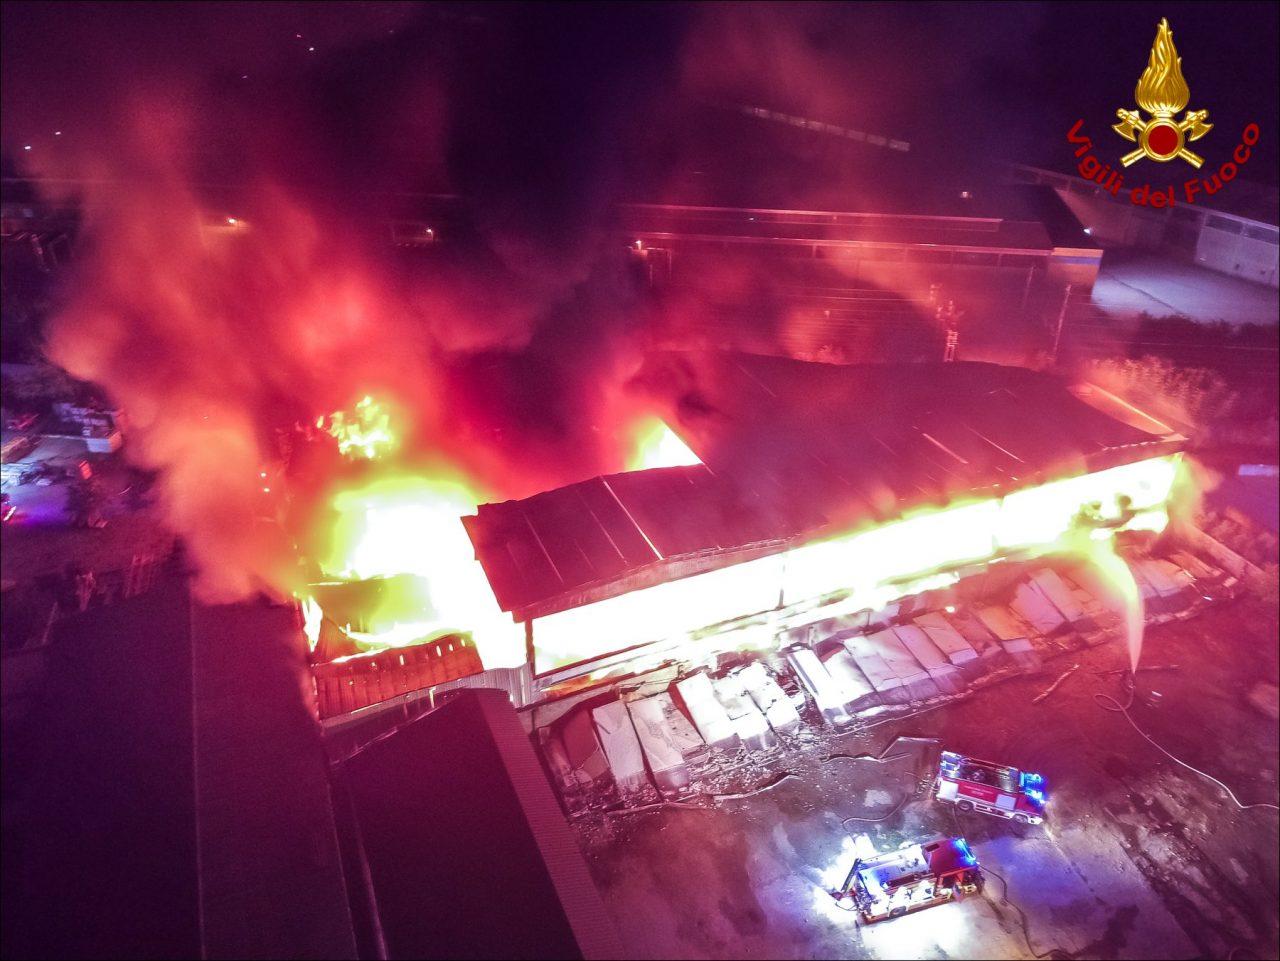 Incendio in un deposito di rifiuti